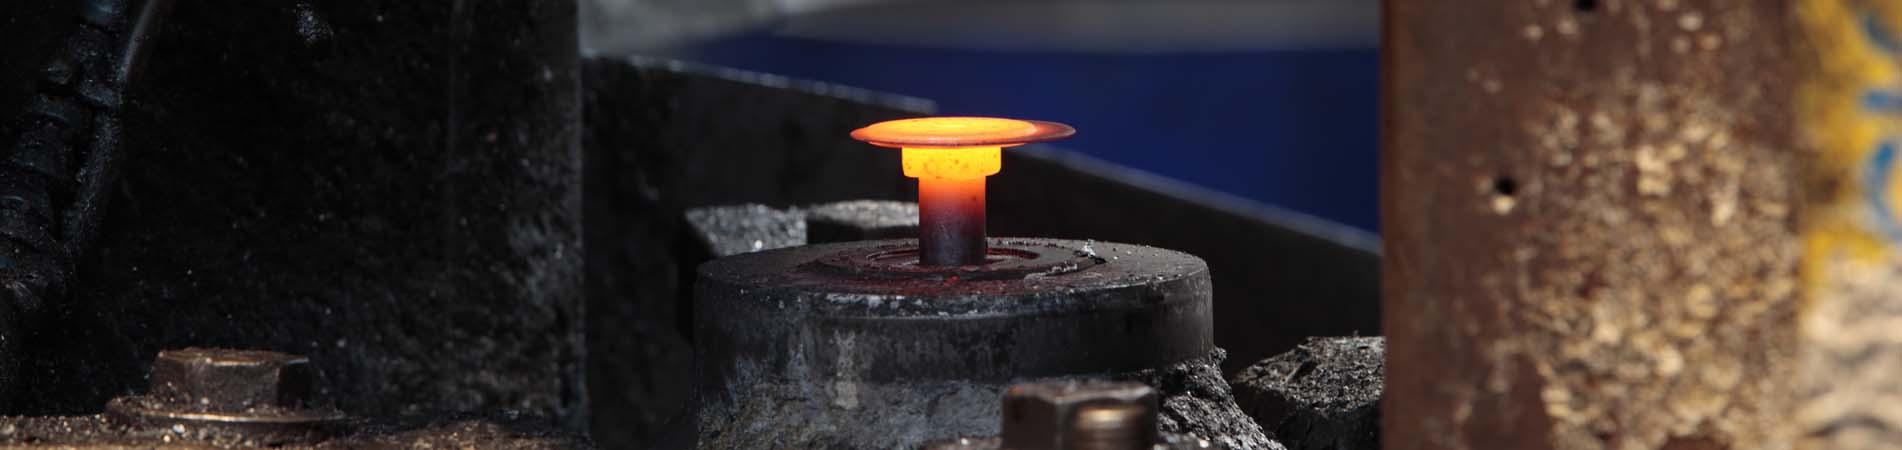 Fabricación de tornillos por estampación en caliente